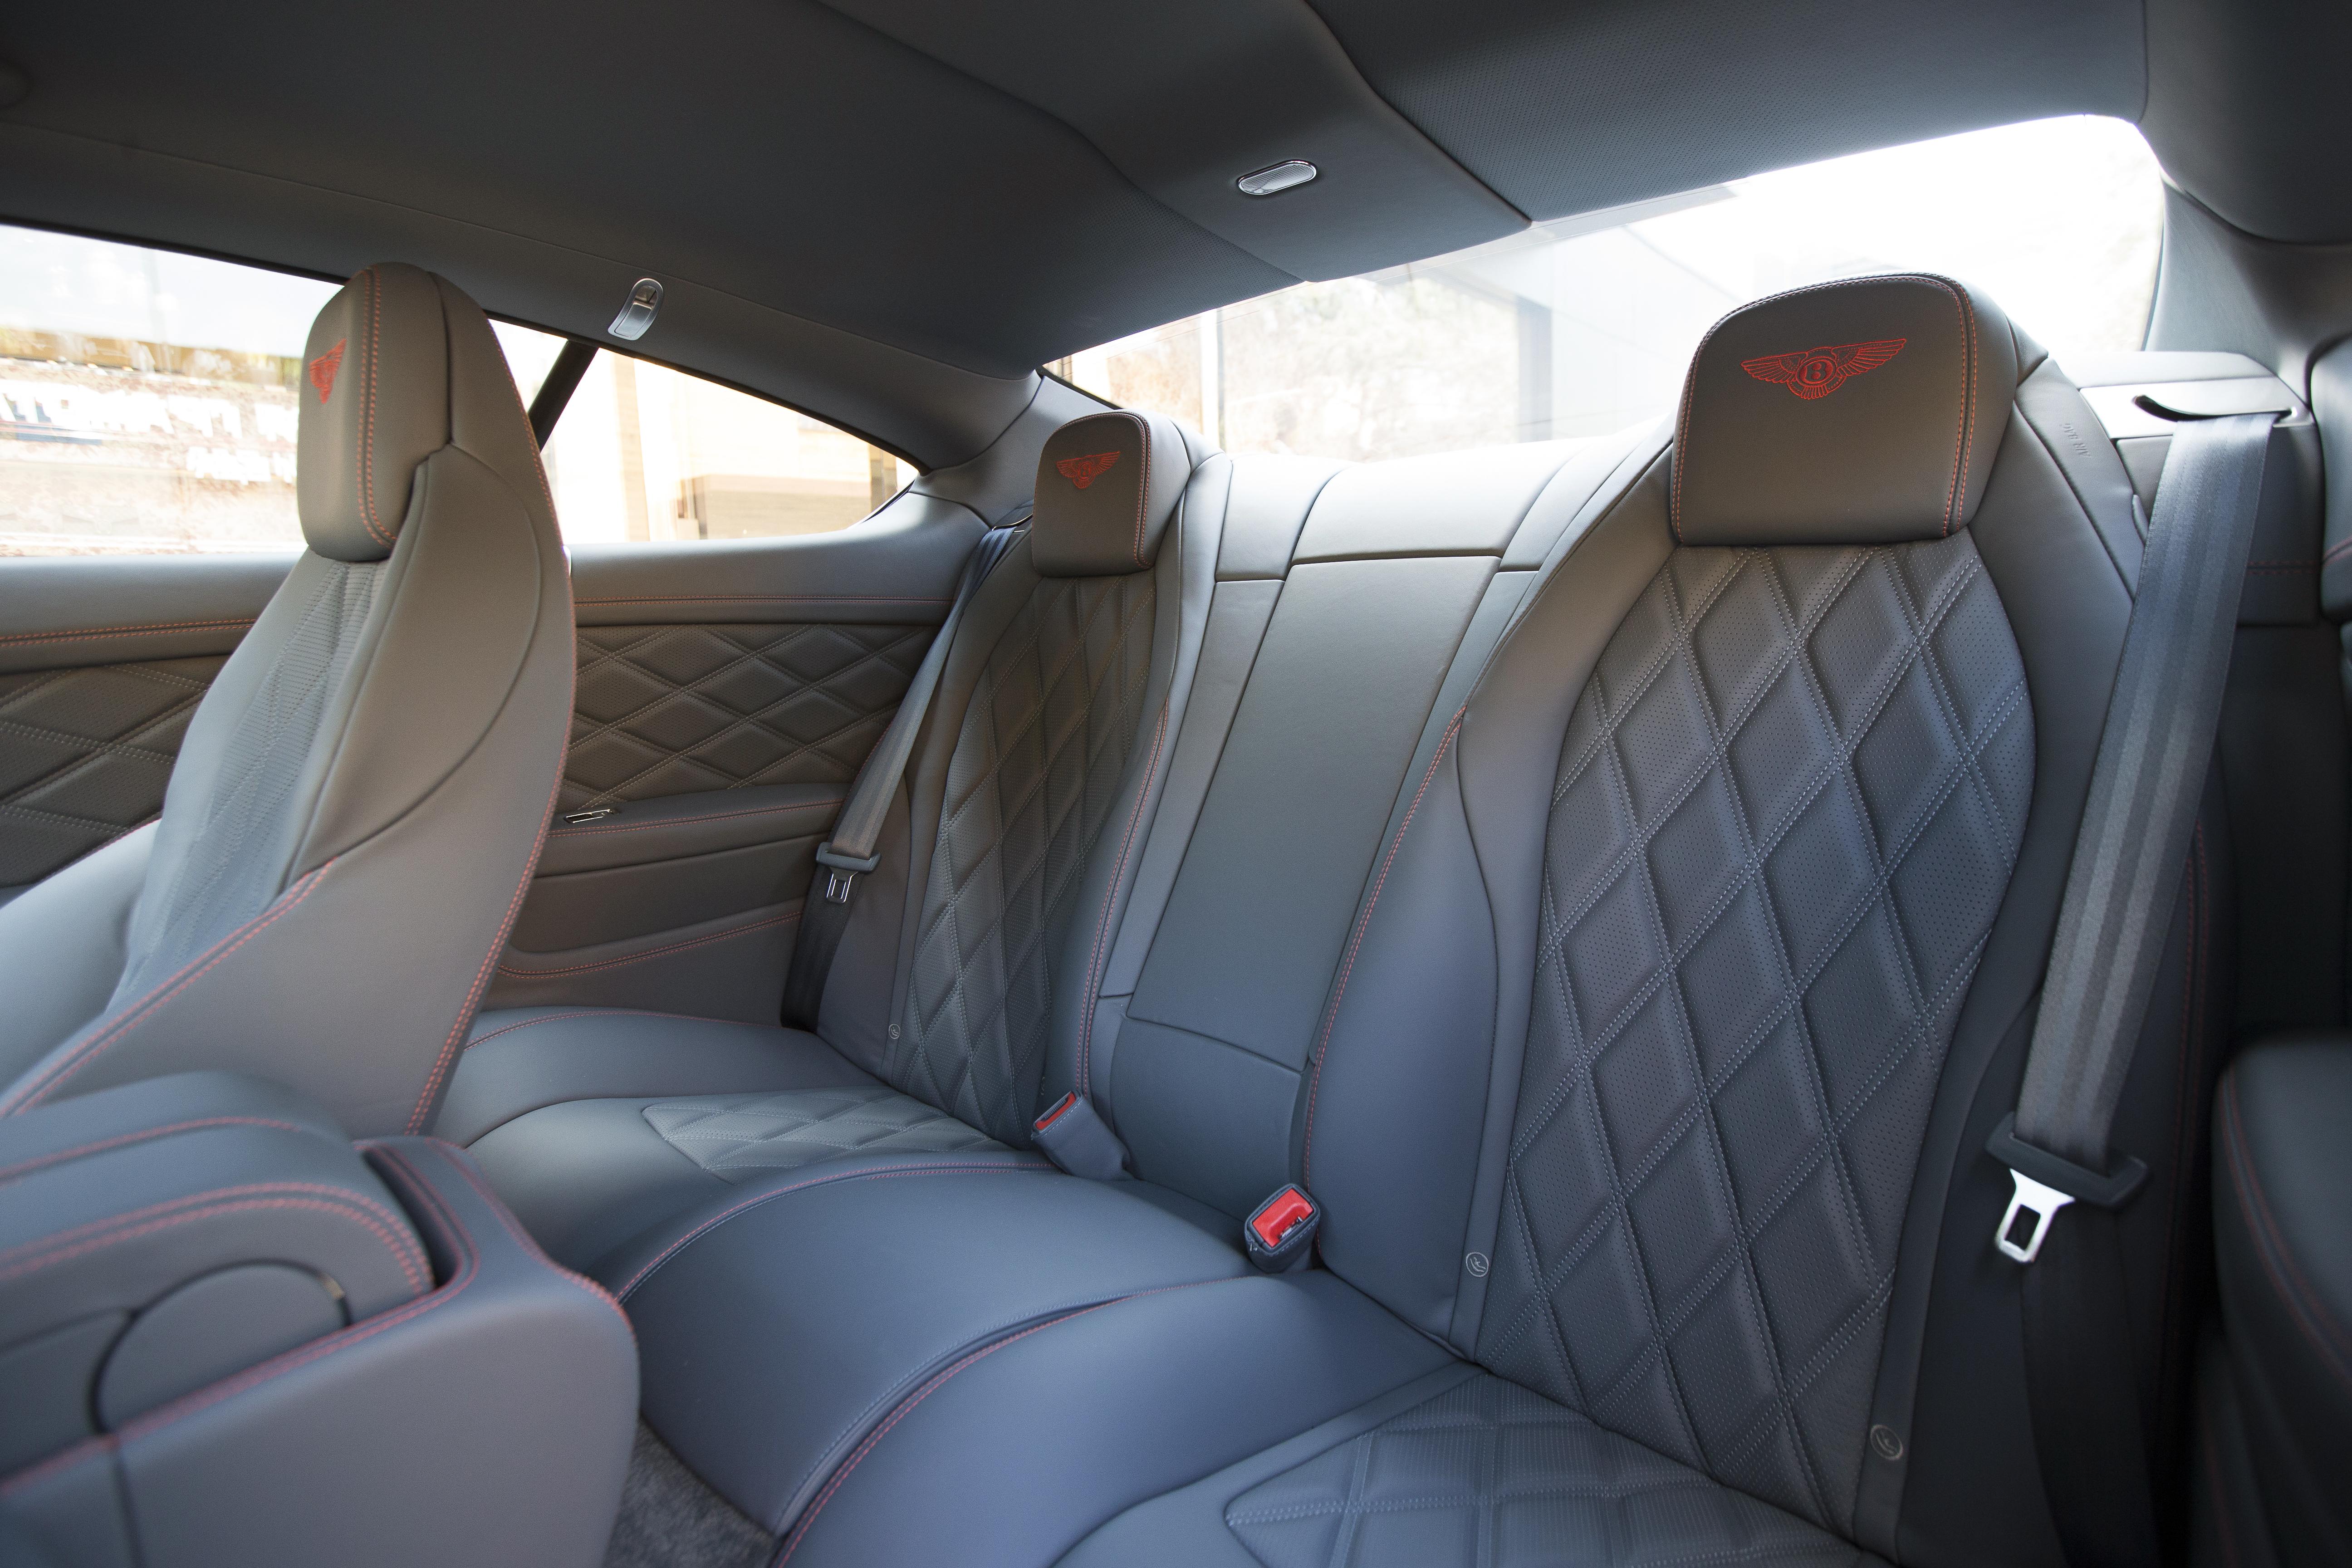 ВРЕМЯ ВЫБИРАТЬ BENTLEY! НОВЫЙ CONTINENTAL GT ОТ 11 900 000 РУБ. - изображение NICK1657 на Bentleymoscow.ru!